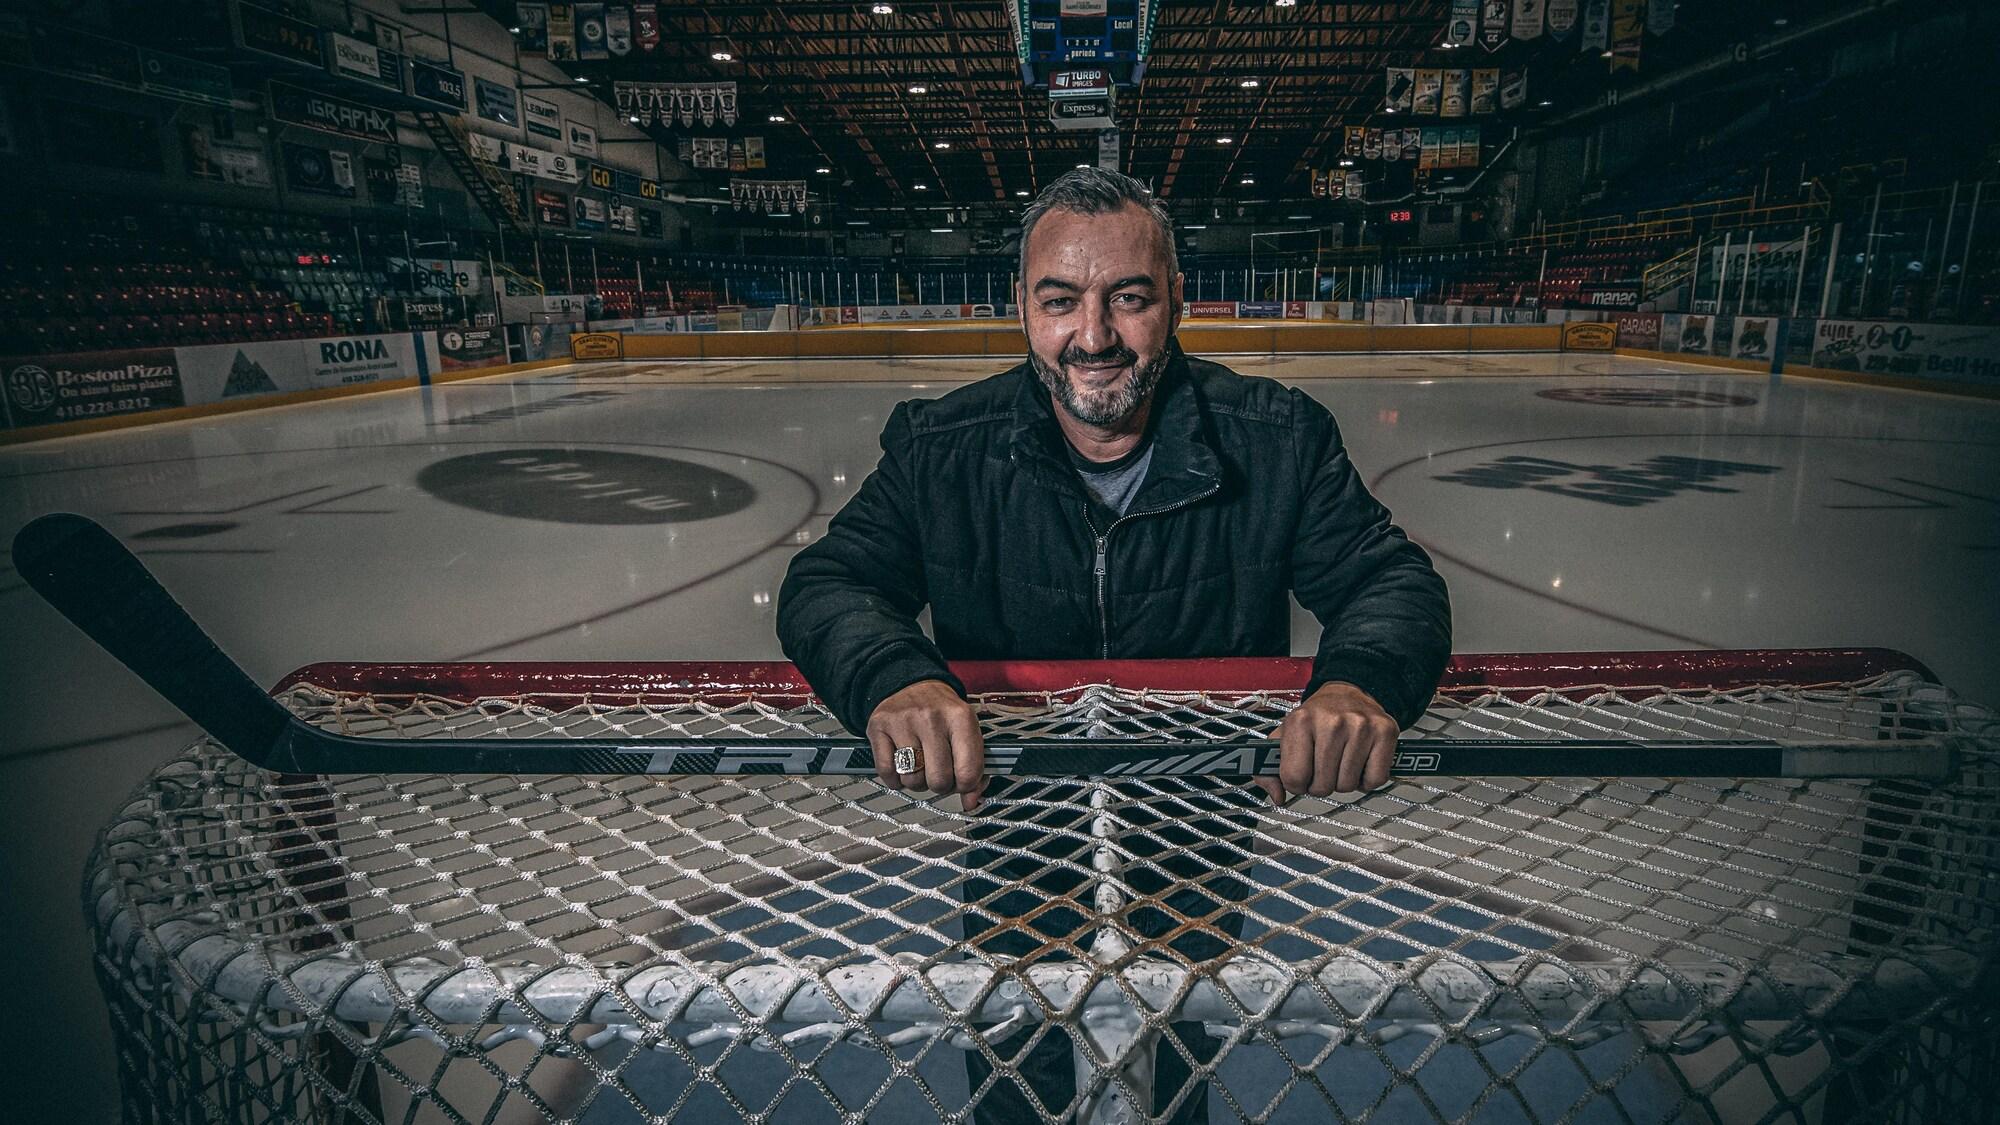 L'ex-joueur de hockey est appuyé sur un but et regarde la caméra en souriant.